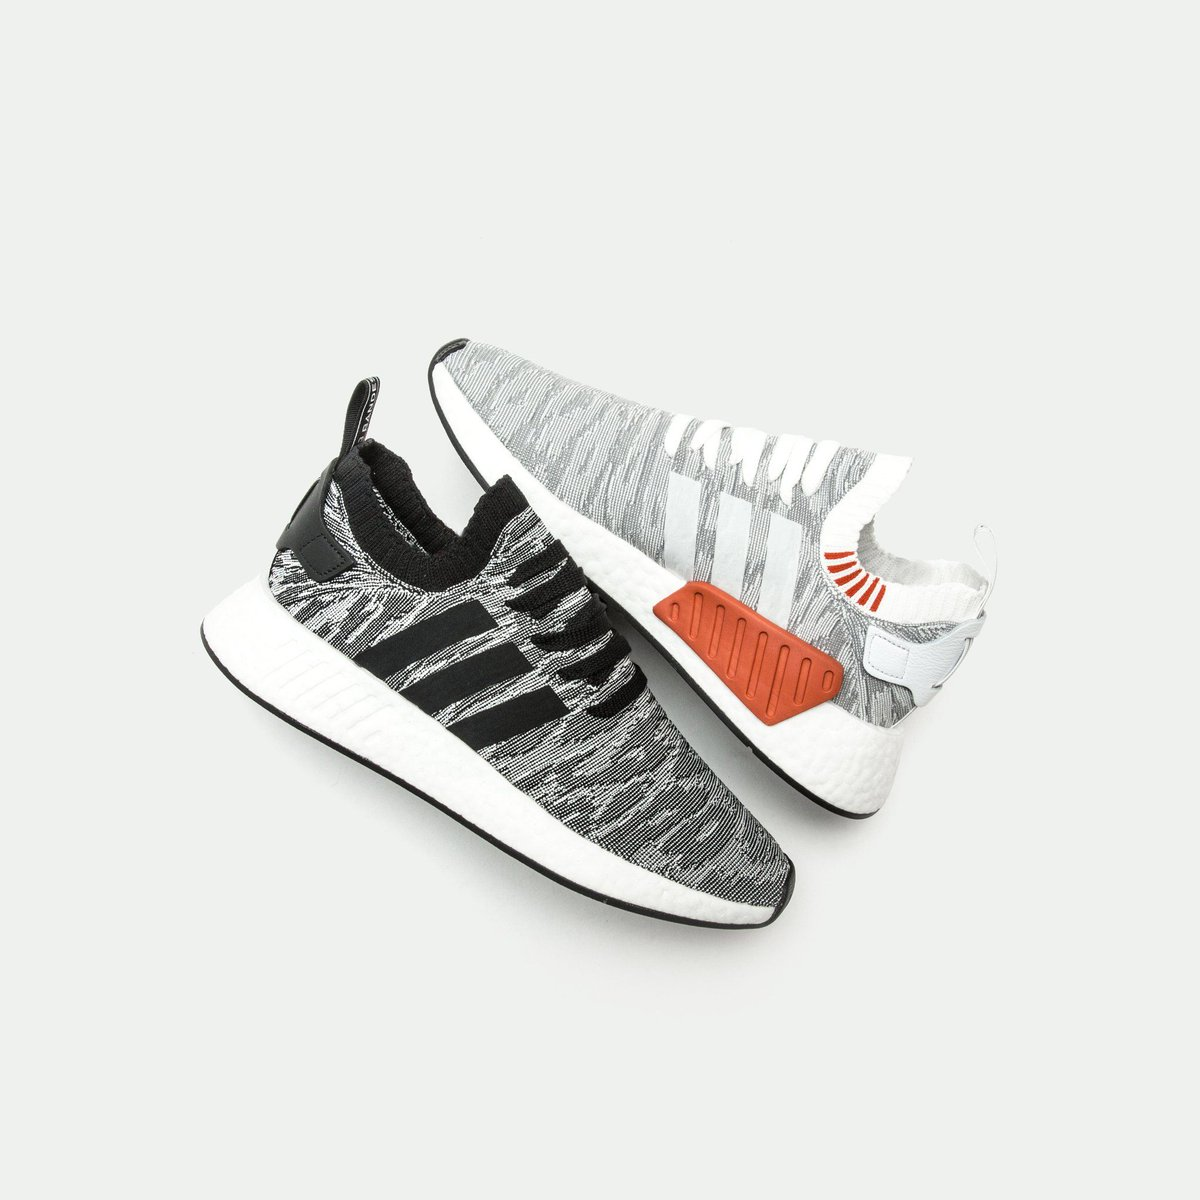 c8cb2330ae317 Sneaker Shouts™ on Twitter